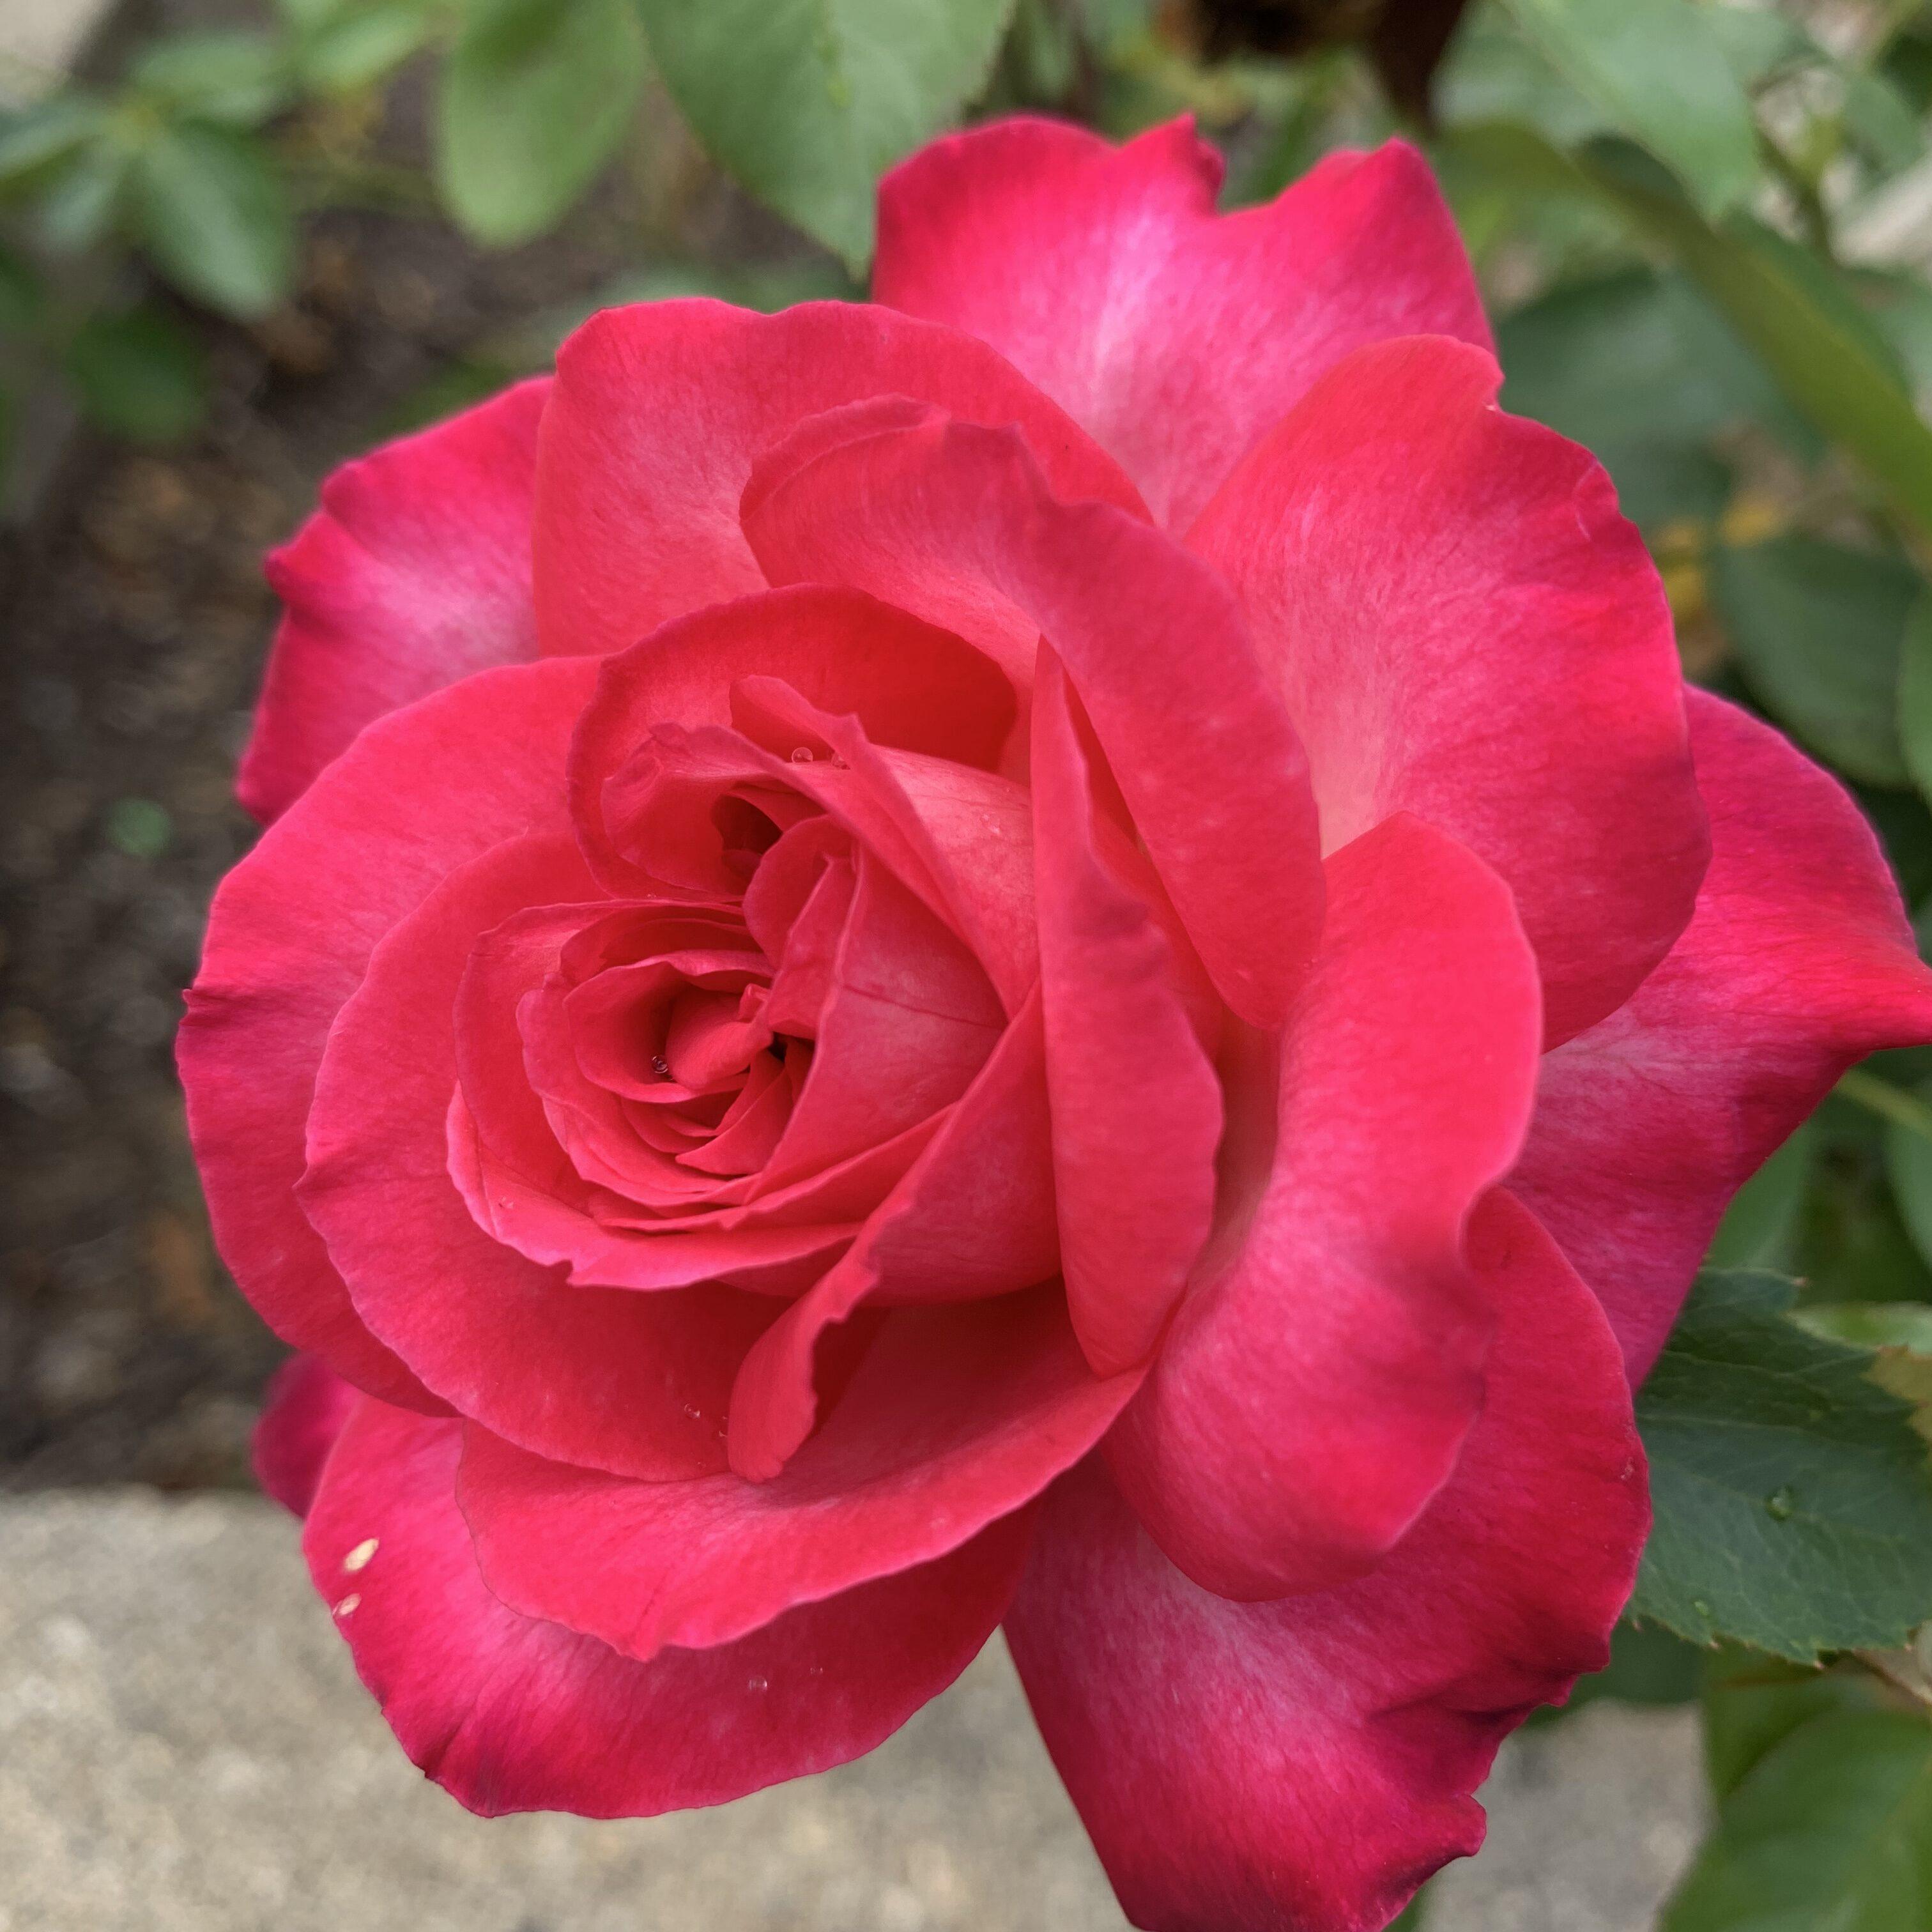 3B000513 D751 42F0 94FA 06329BEEA0E1 Roses